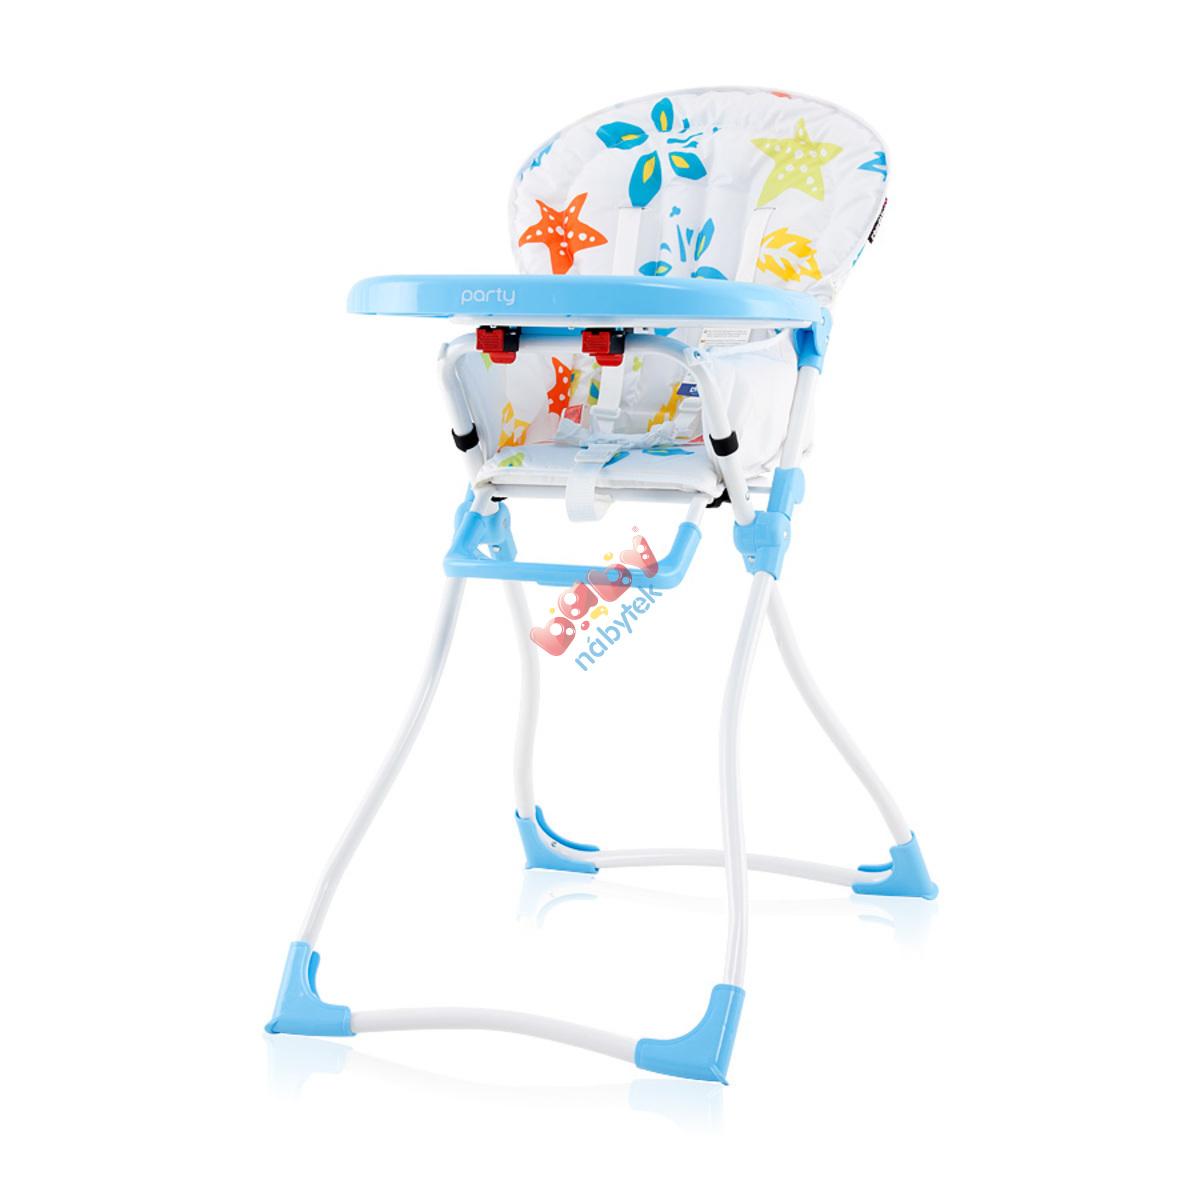 0dc7d0a6ff40 CHIPOLINO detská jedálenská stolička Party - Sky blue - Jedálenské ...